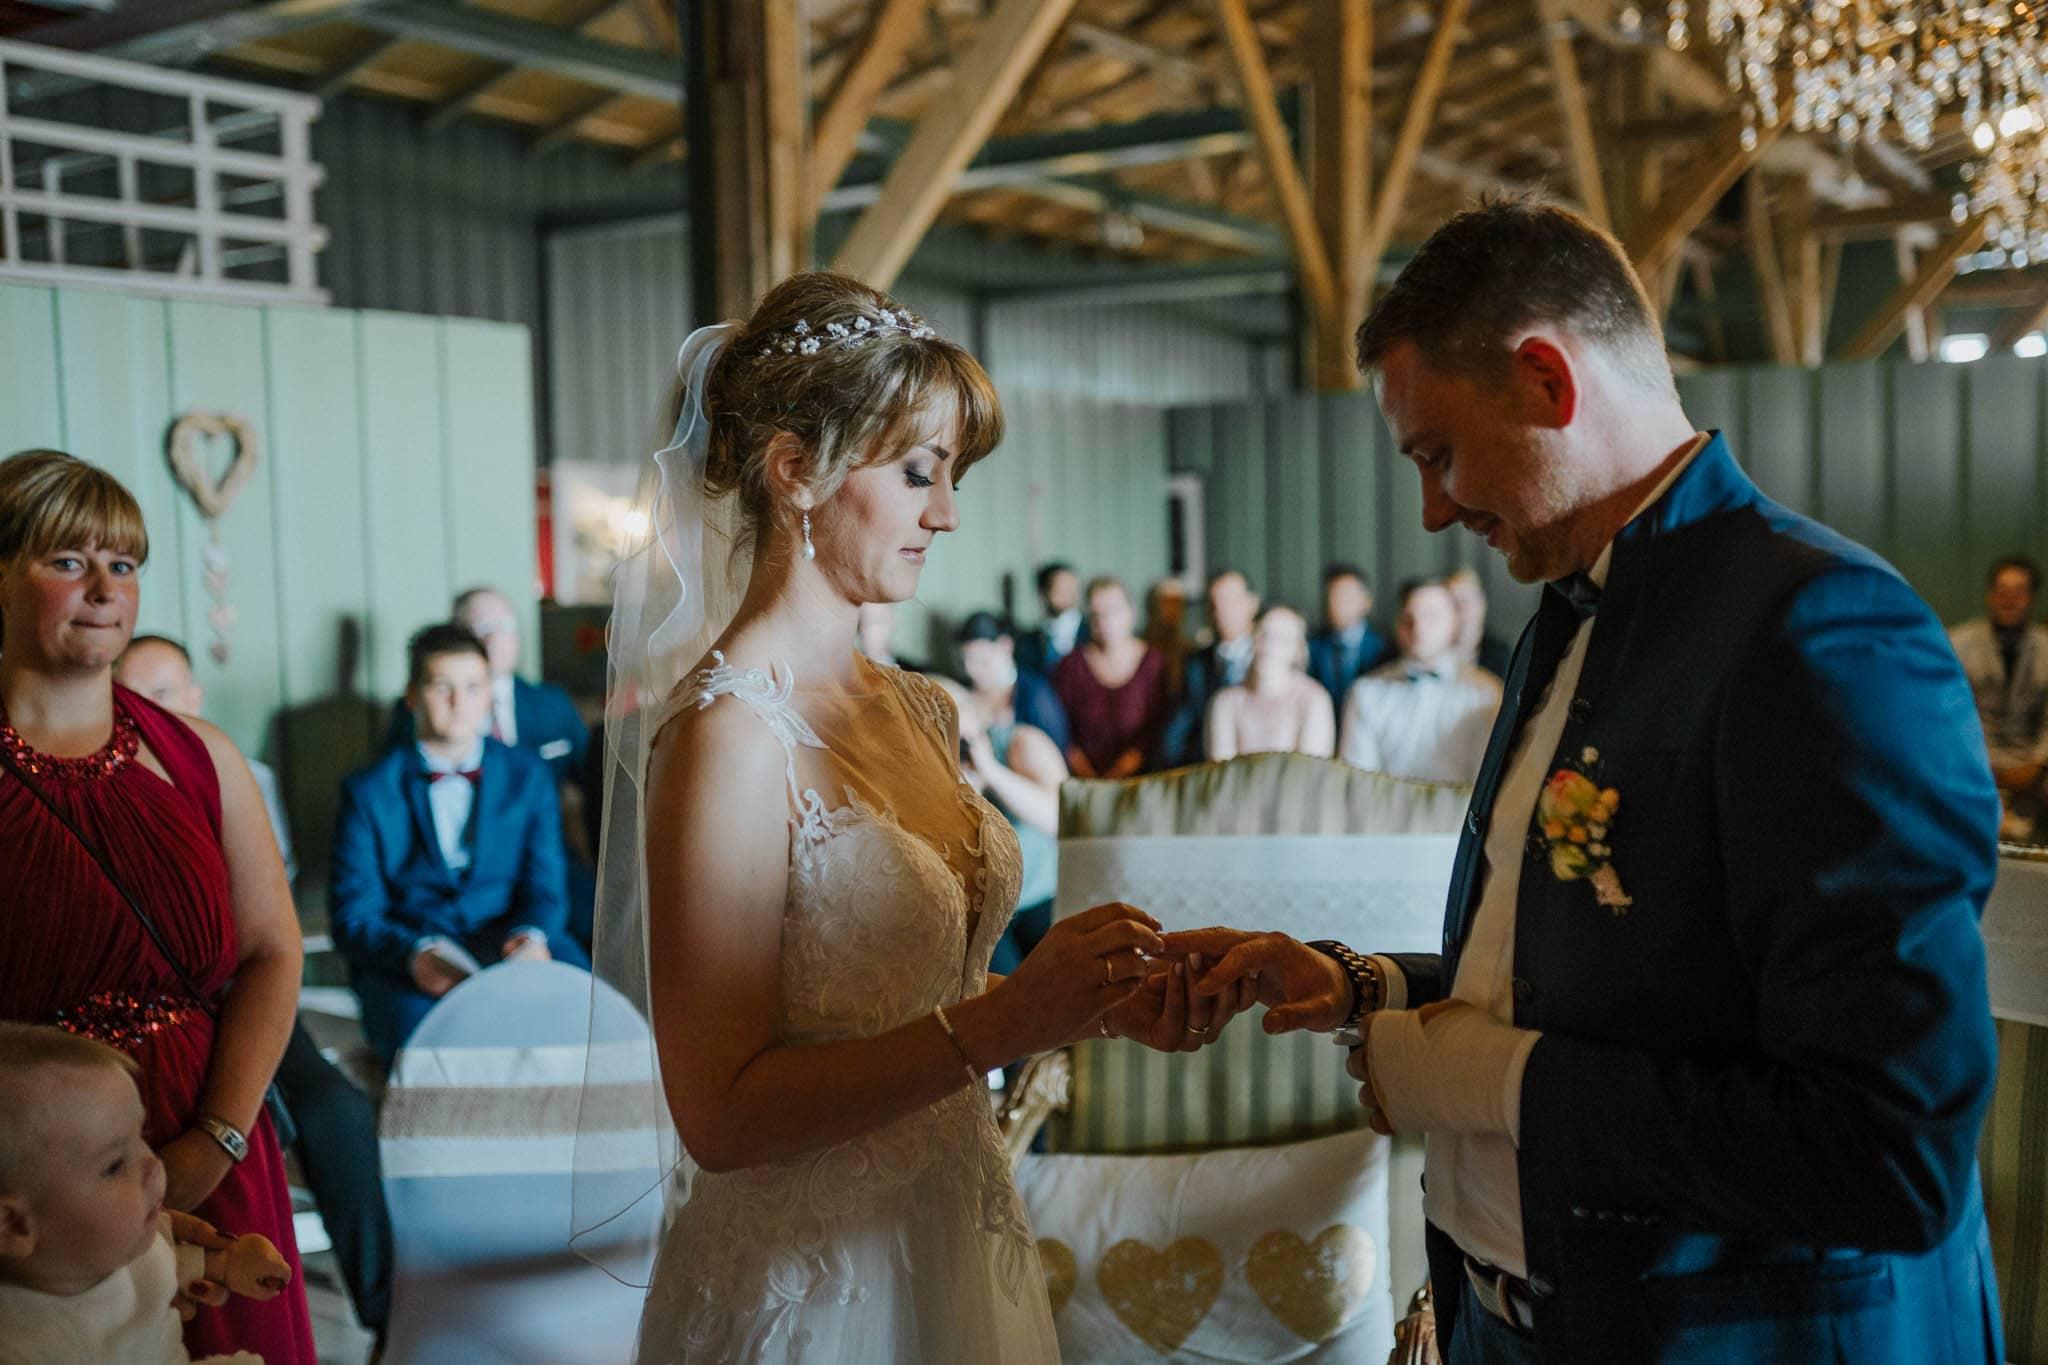 Hochzeitsfieber by Photo-Schomburg, Hoichzeitsfotograf, Hamburg, Wedding, Weddingtime, Hochzeitspaar, Braut, Bräutigam, Hochzeit im Norden,-59